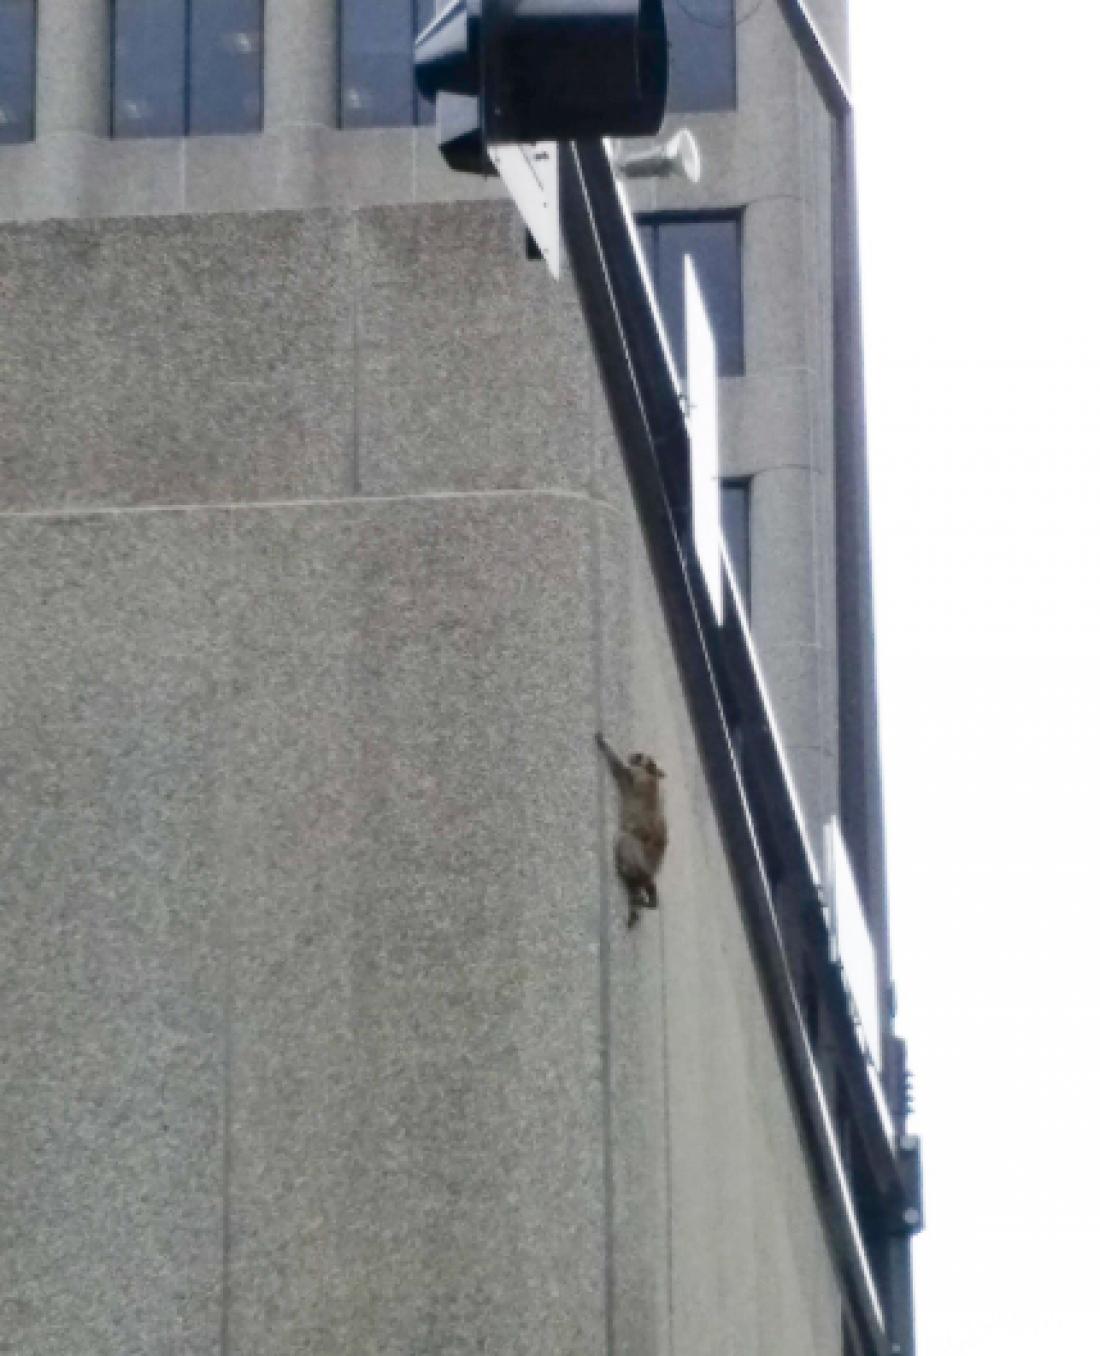 Животное по неизвестным причинам решило вскарабкаться на небоскреб